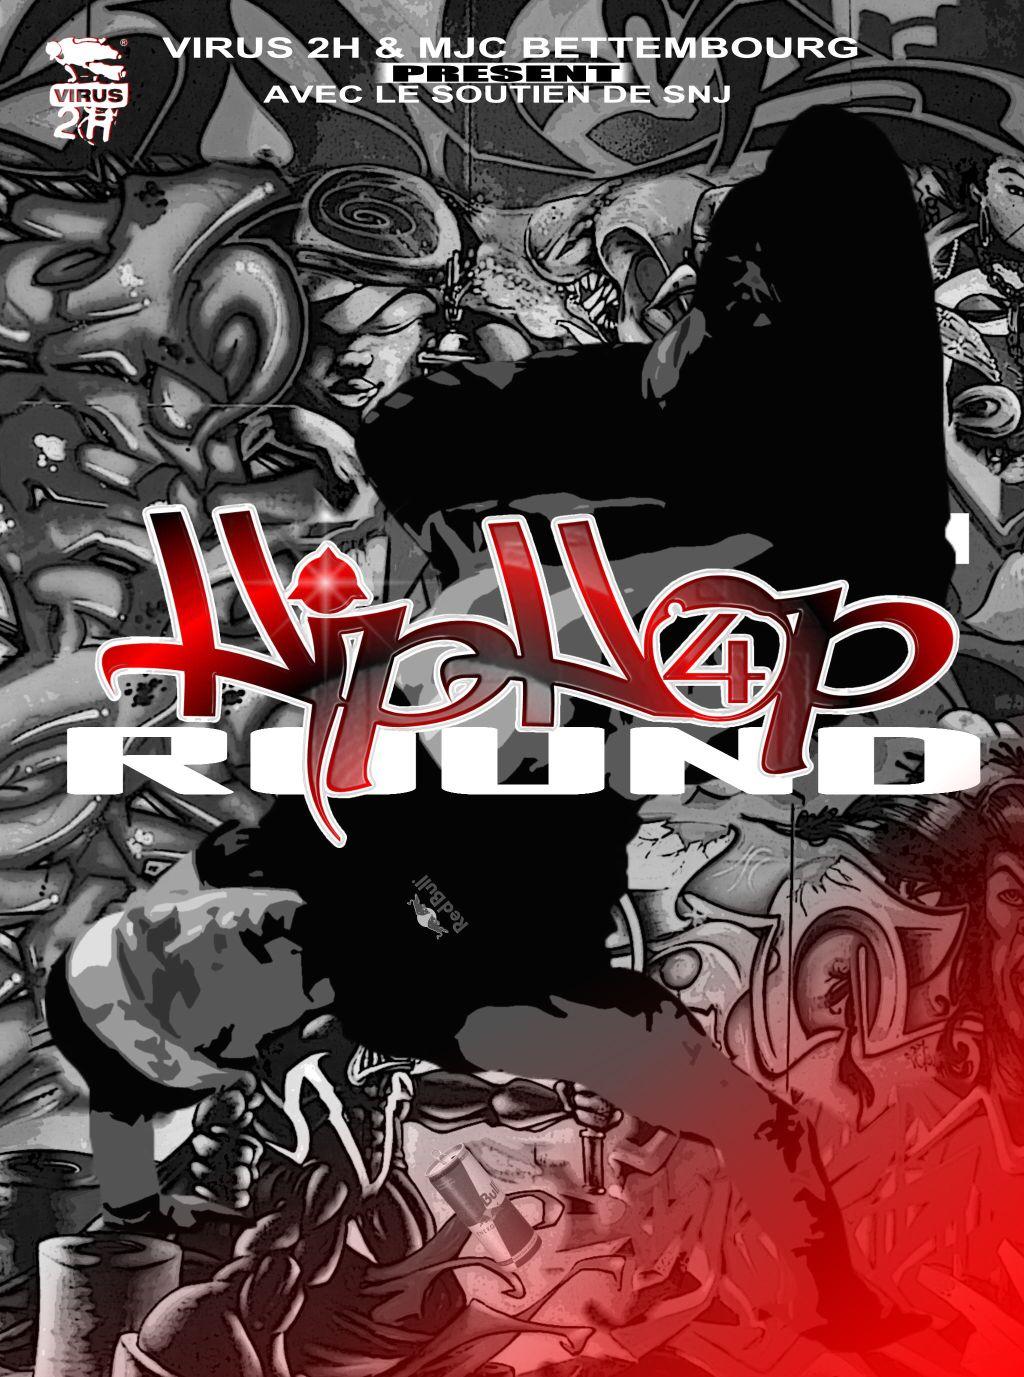 All New Hip Hop Music